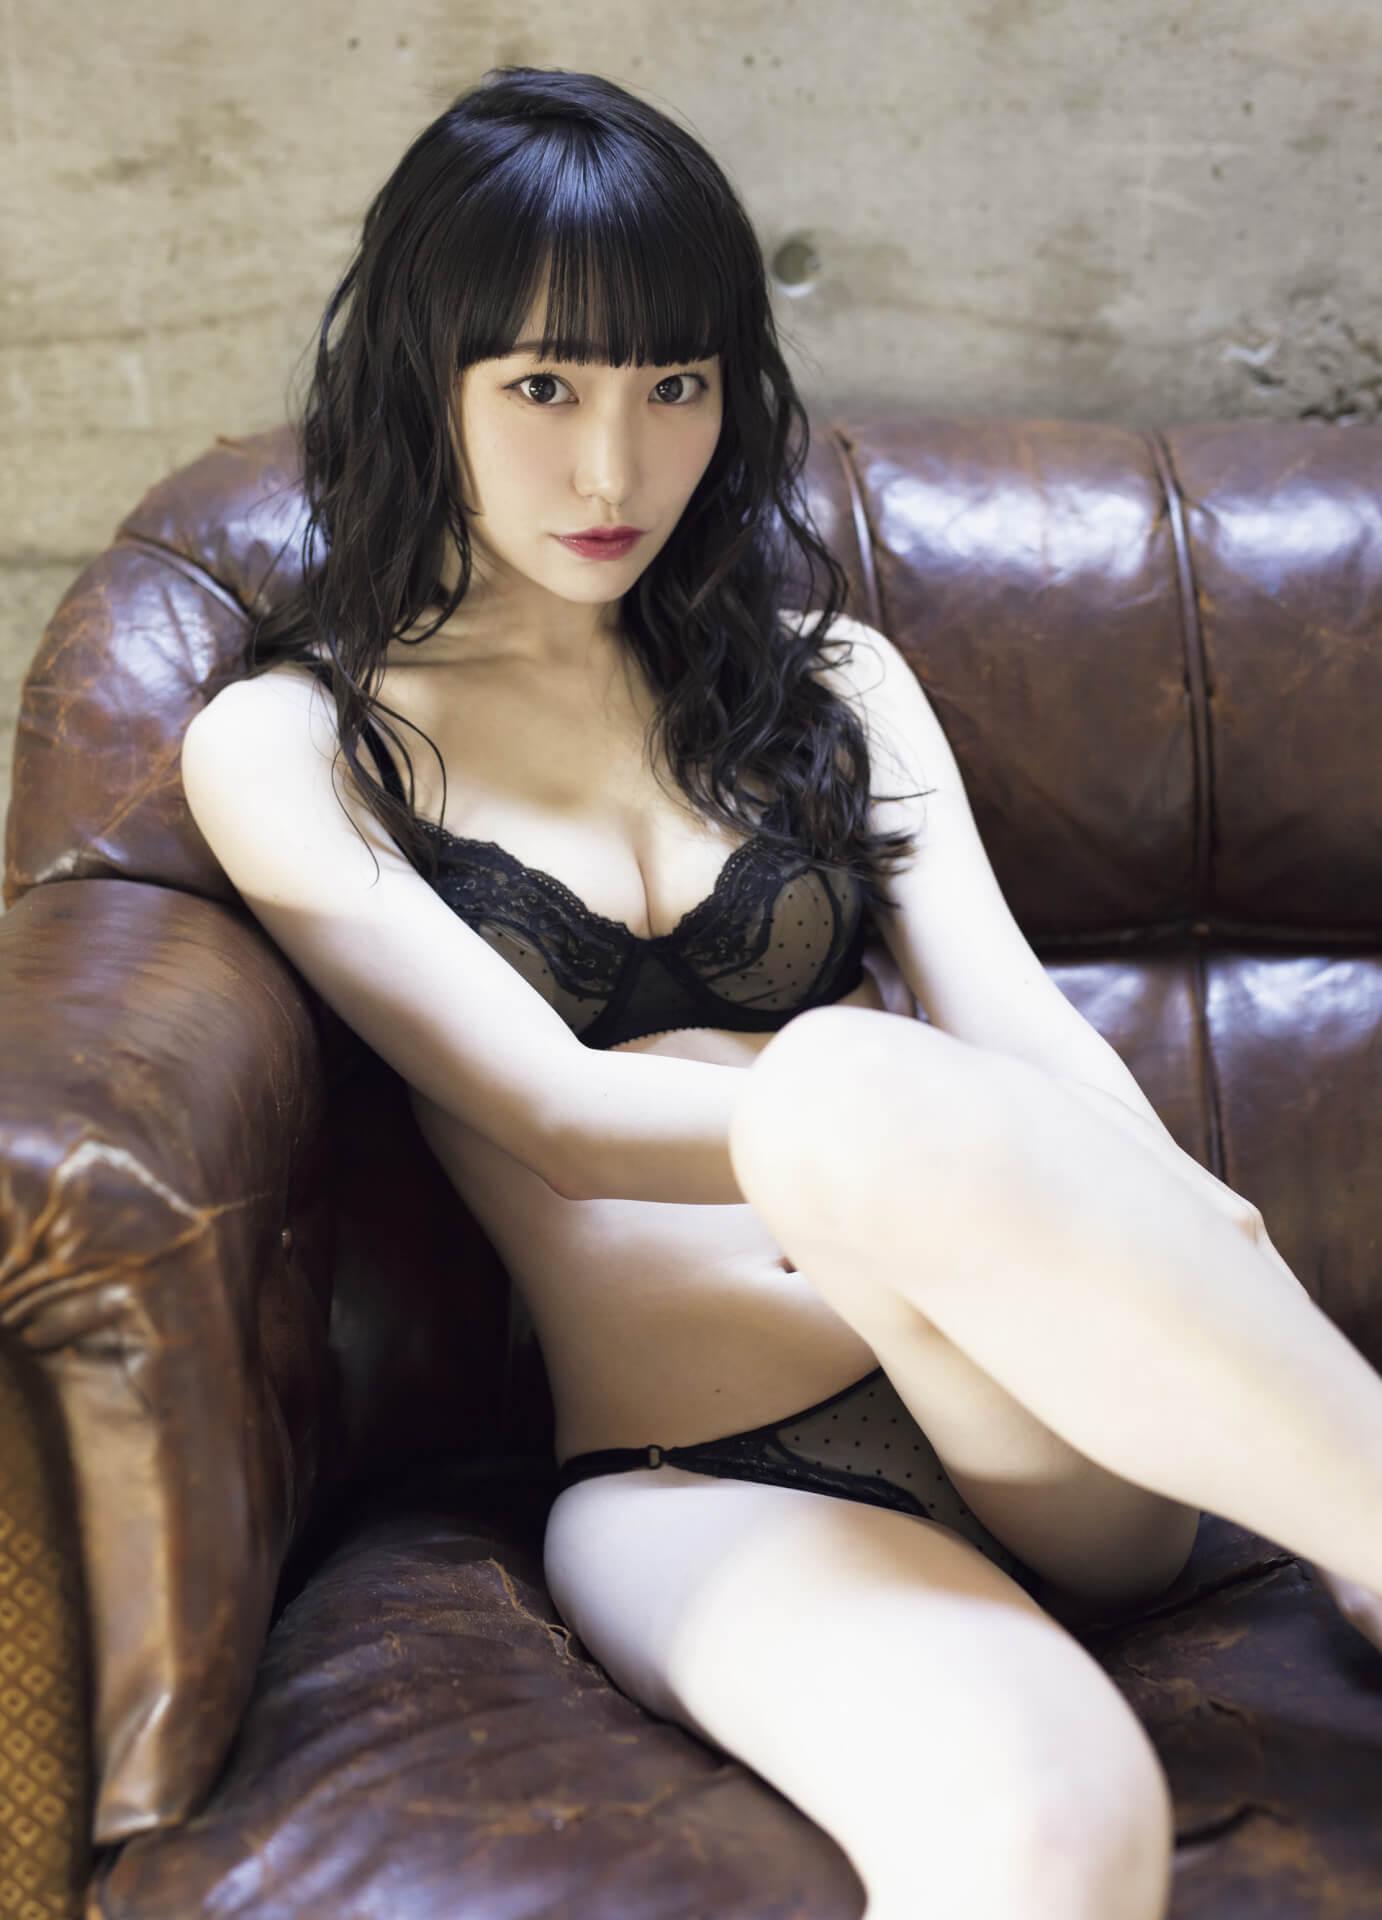 ふわふわのやわらかボディで魅了する石田桃香が『FLASH』の表紙&巻頭グラビアに登場!たっぷり10ページ掲載 art210126_flash_1